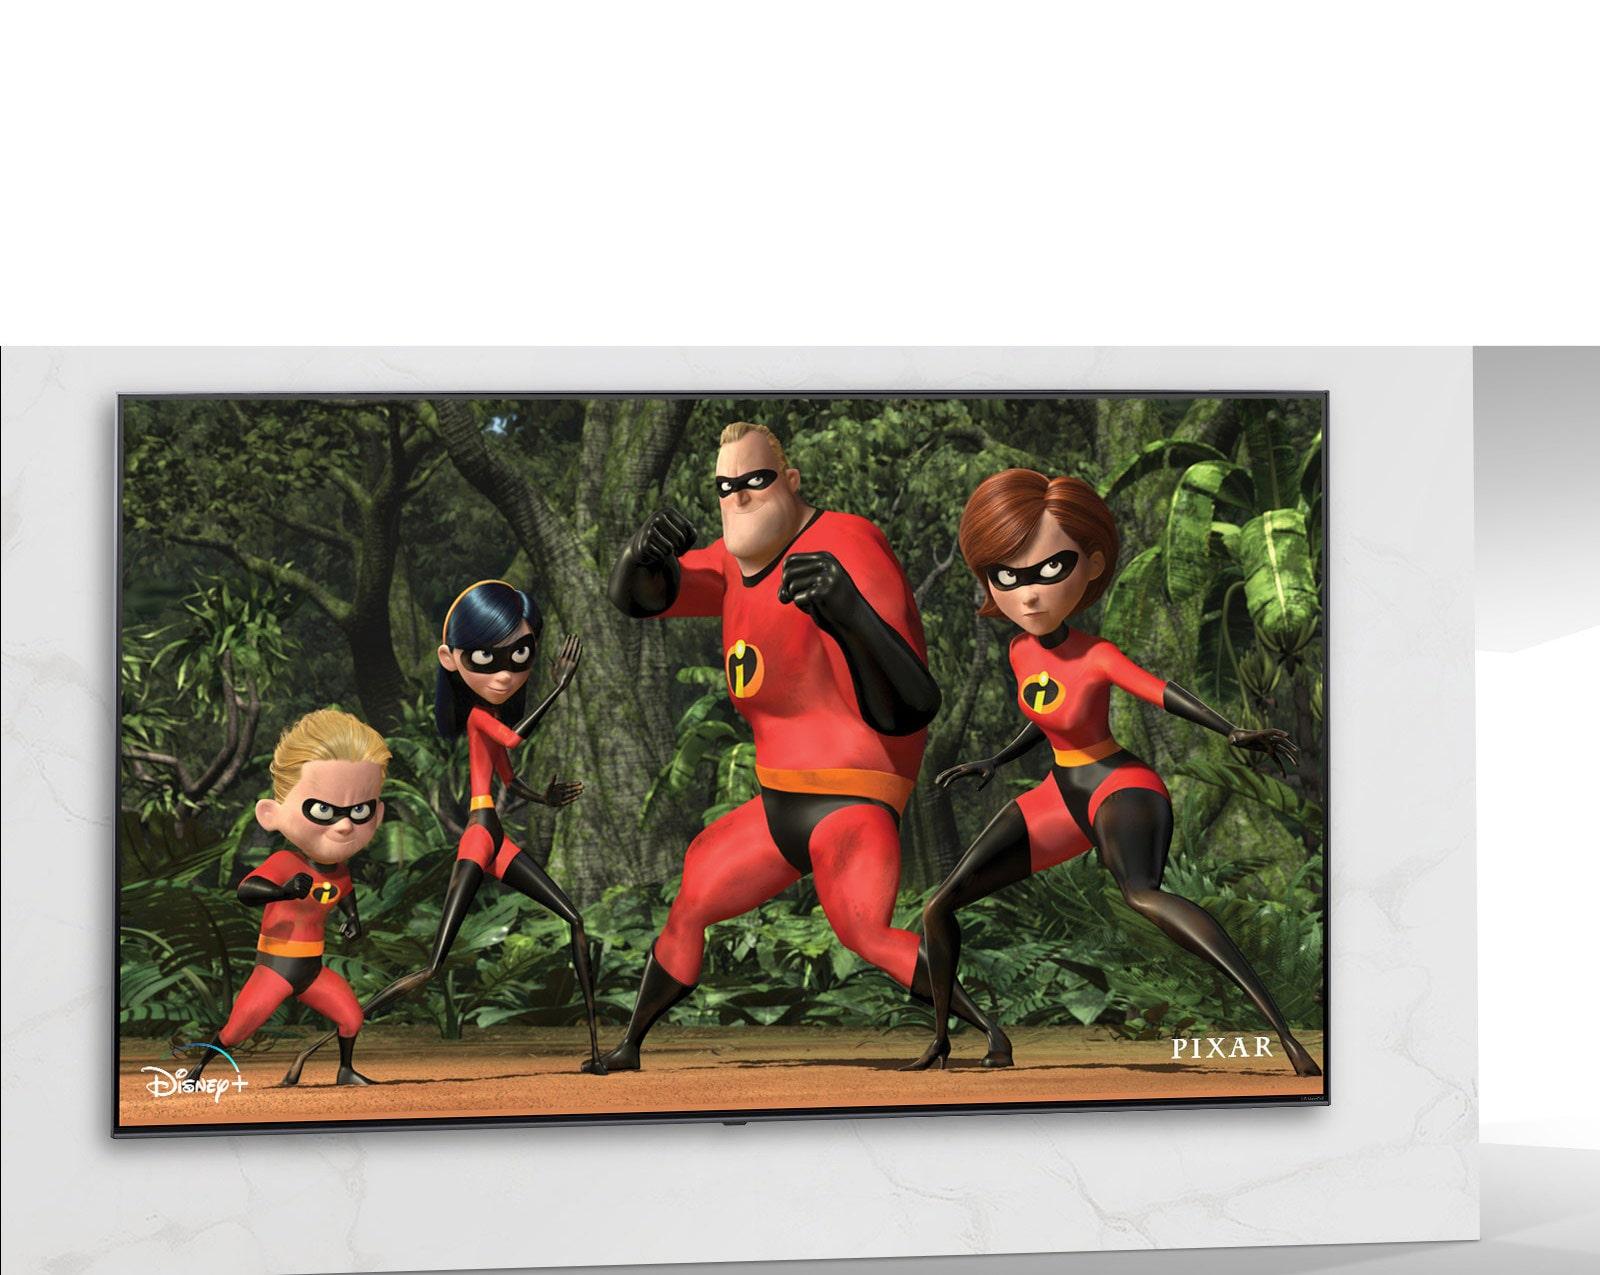 Image de l'affiche Moana de Disney sur l'écran du téléviseur